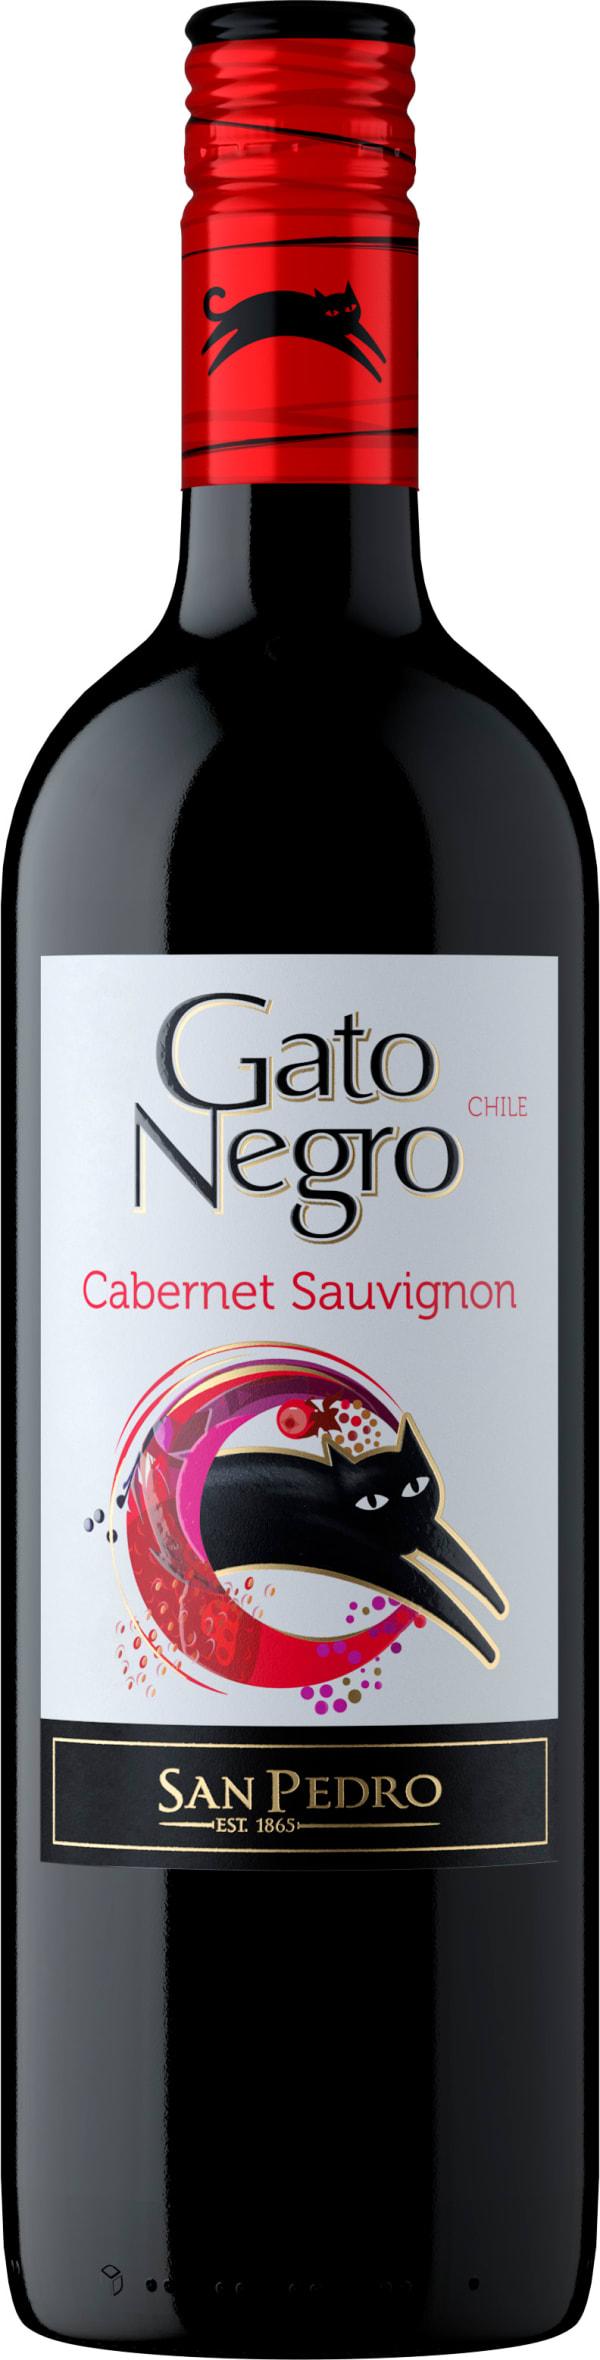 Gato Negro Cabernet Sauvignon 2018